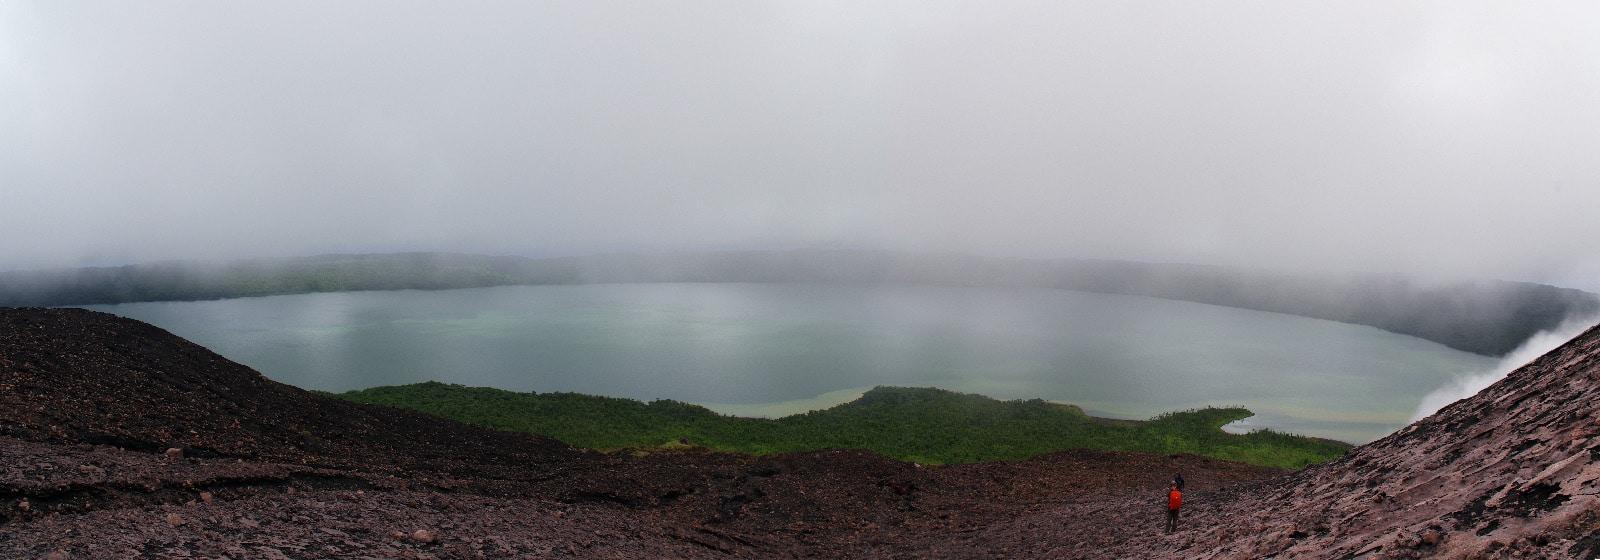 Lac de cratère sur l'île de Gaua, Vanuatu.